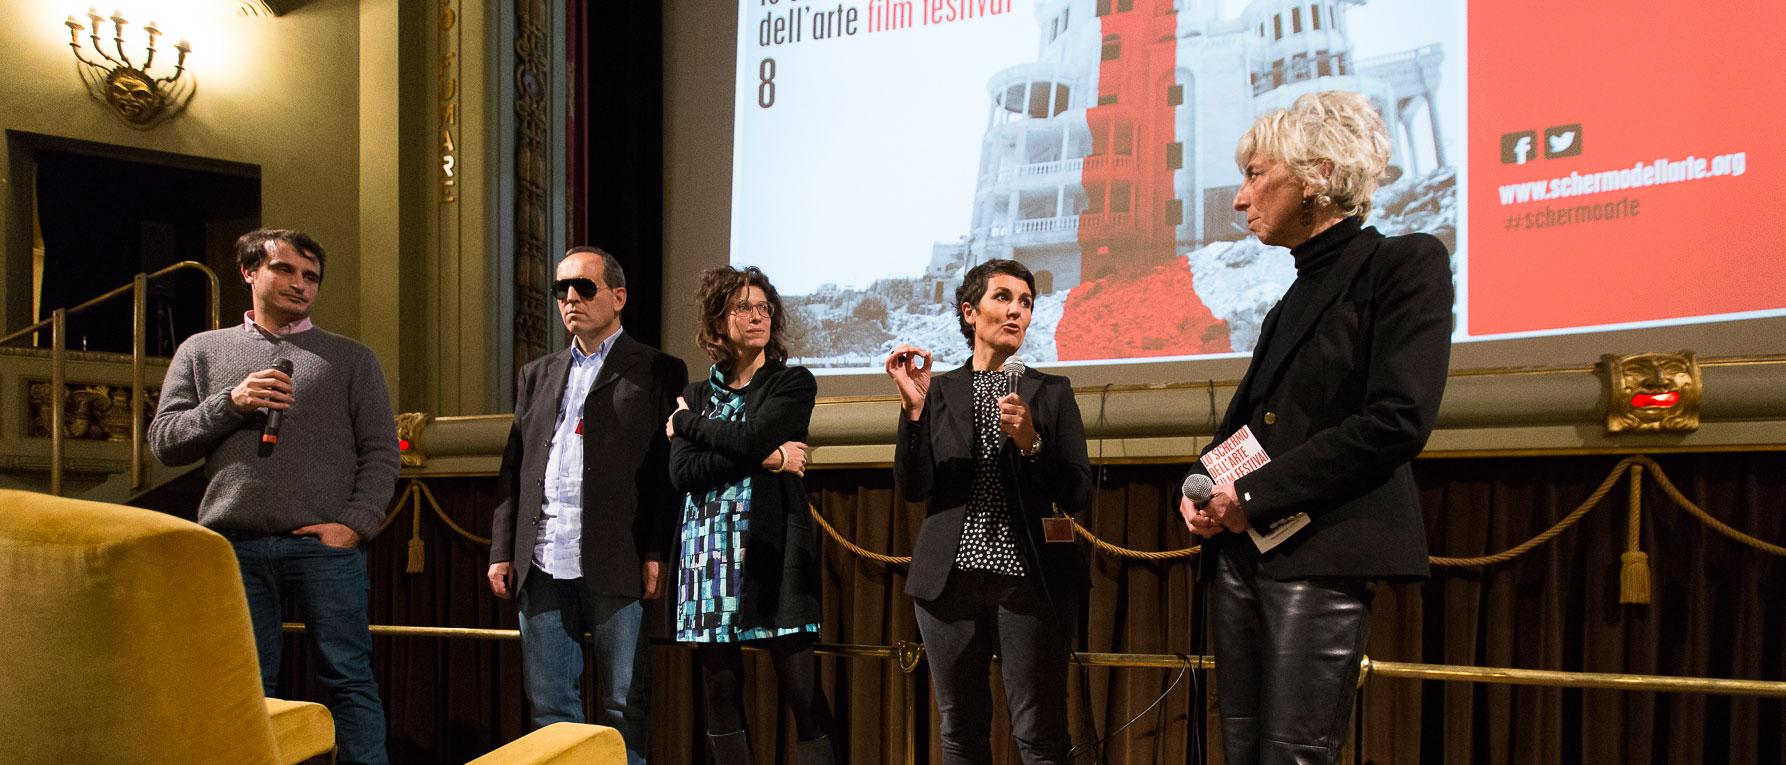 Lo-schermo-dellarte-2015-Giuseppe-Fanizza-Mirco-Mencacci-Marta-Bianchi-Chiara-Agnello-Silvia-Lucchesi